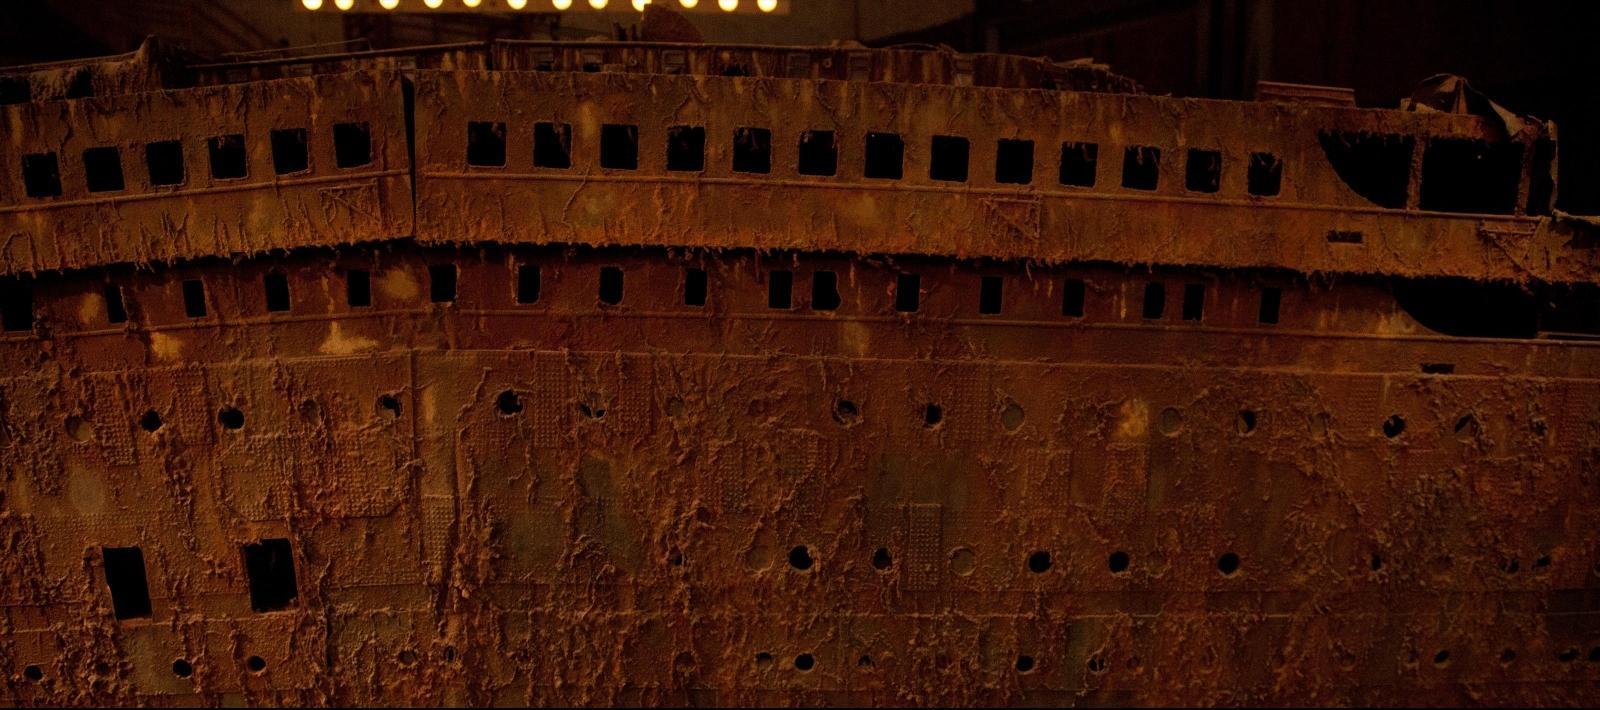 Титаник: Заключителни думи с Джеймс Камерън